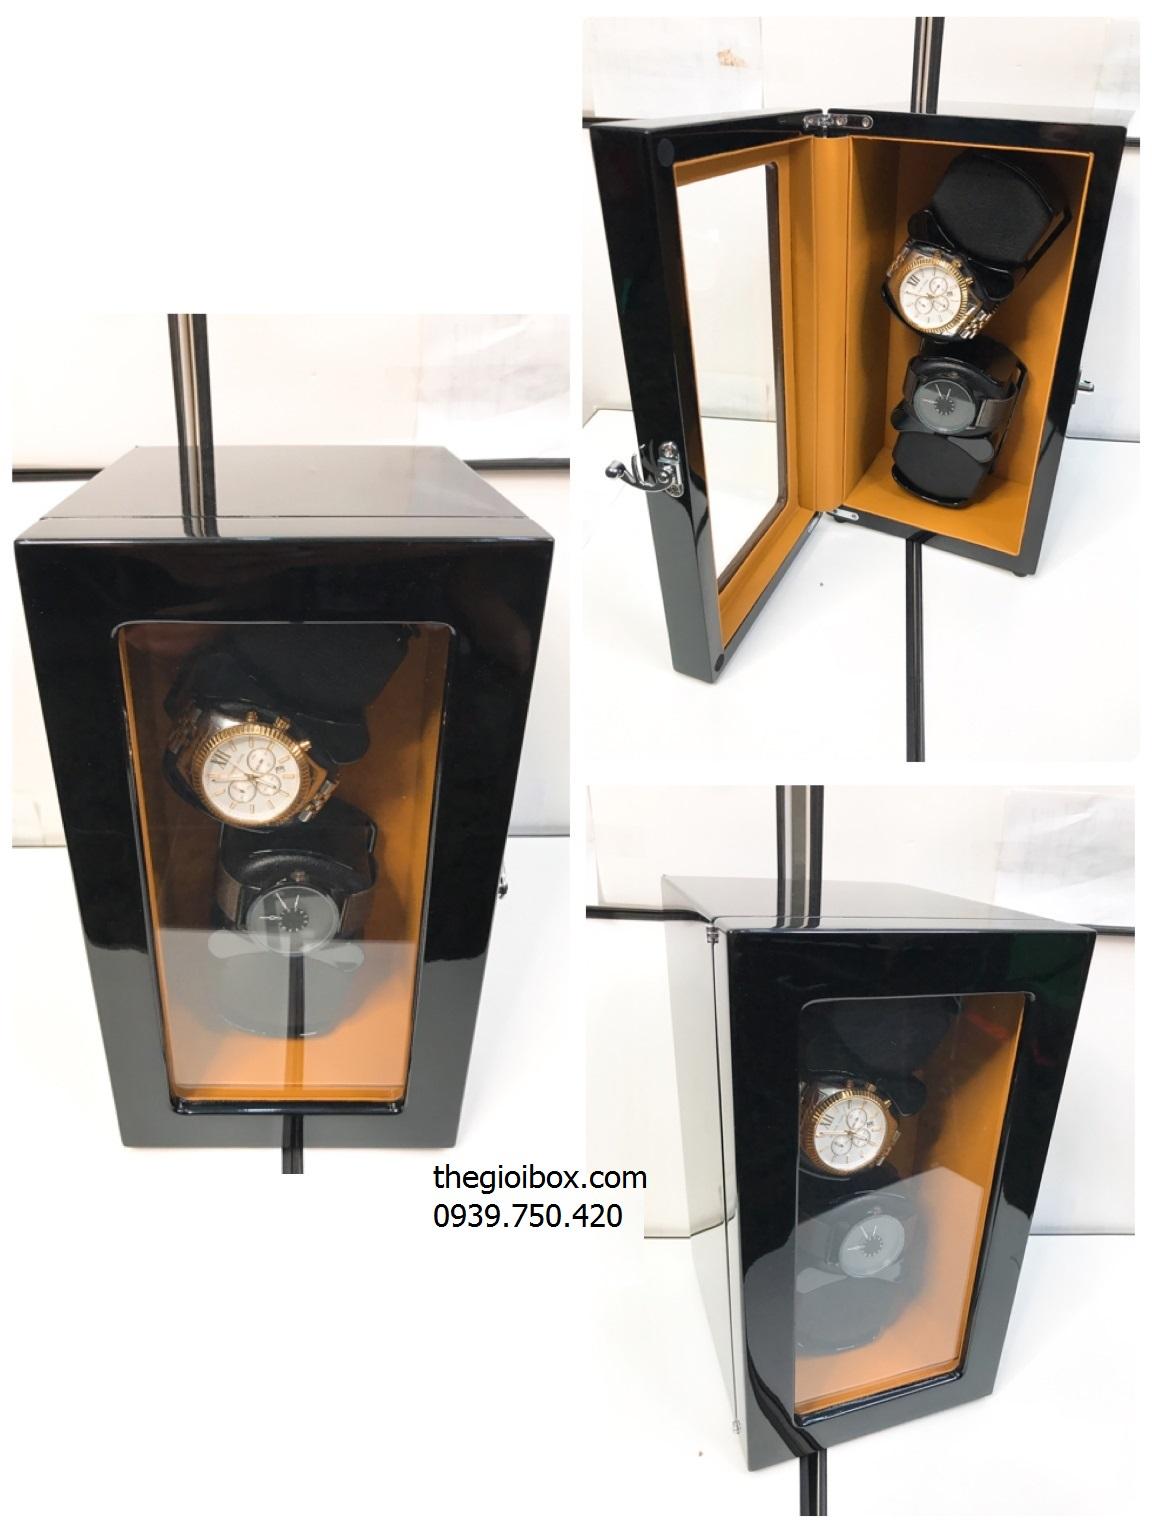 tủ đựng đồng hồ 4 ngăn xoay cao cấp giá rẻ tại tphcm